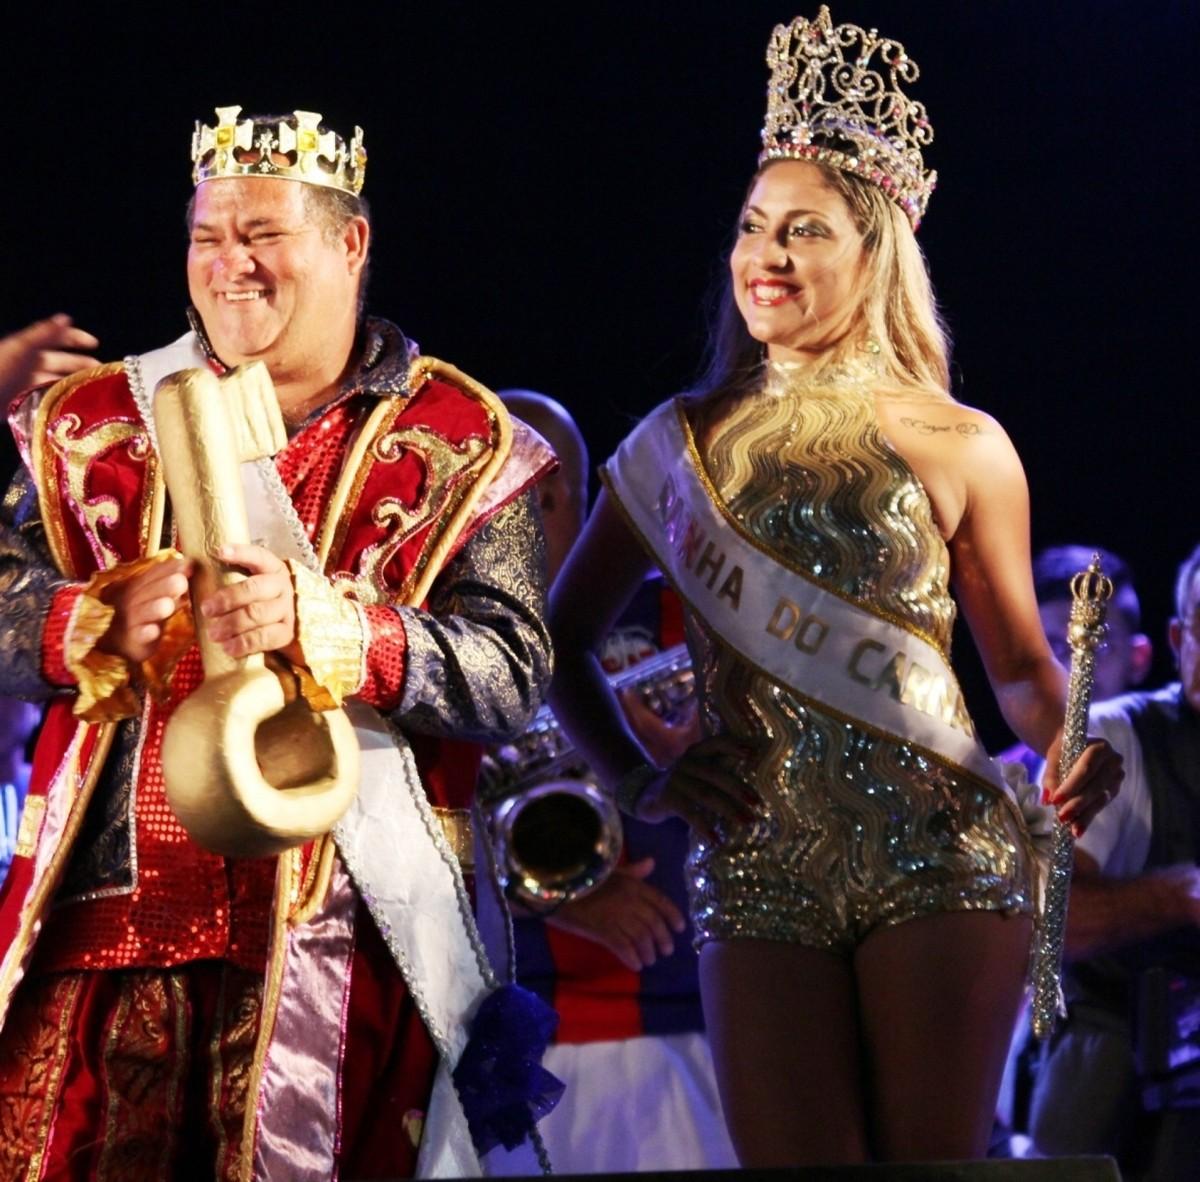 São João da Barra, RJ, tem festival de marchinhas e eleição de rei momo e rainha do Carnaval neste domingo